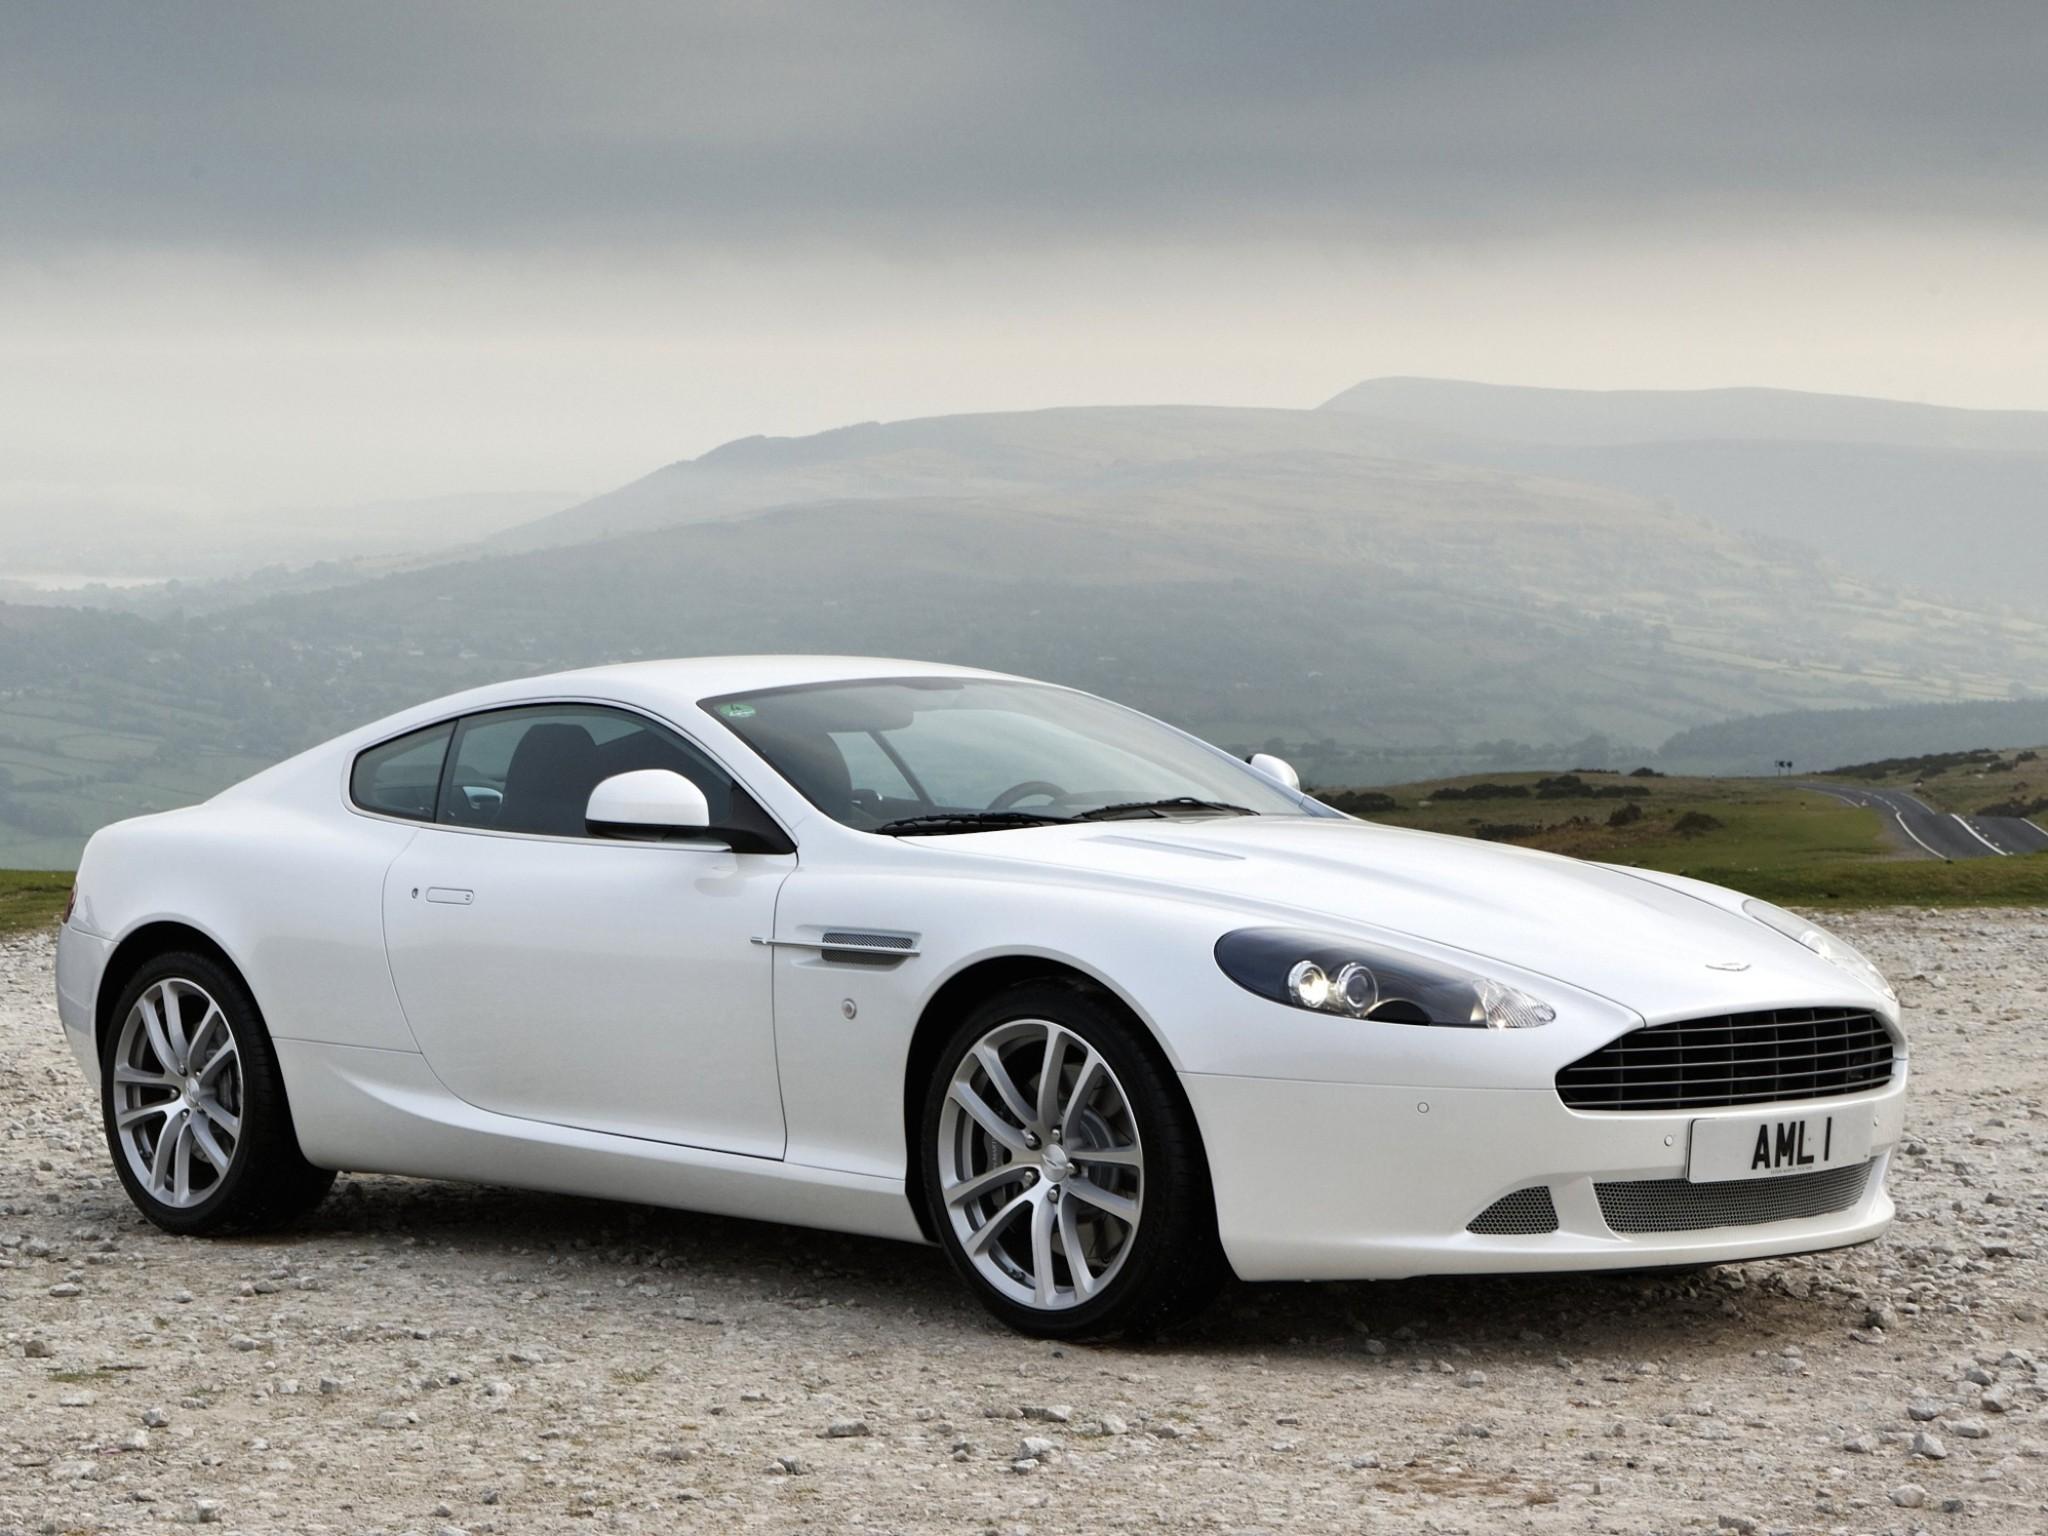 Db9 White Aston Martin Wallpaper Free Hd Downloads